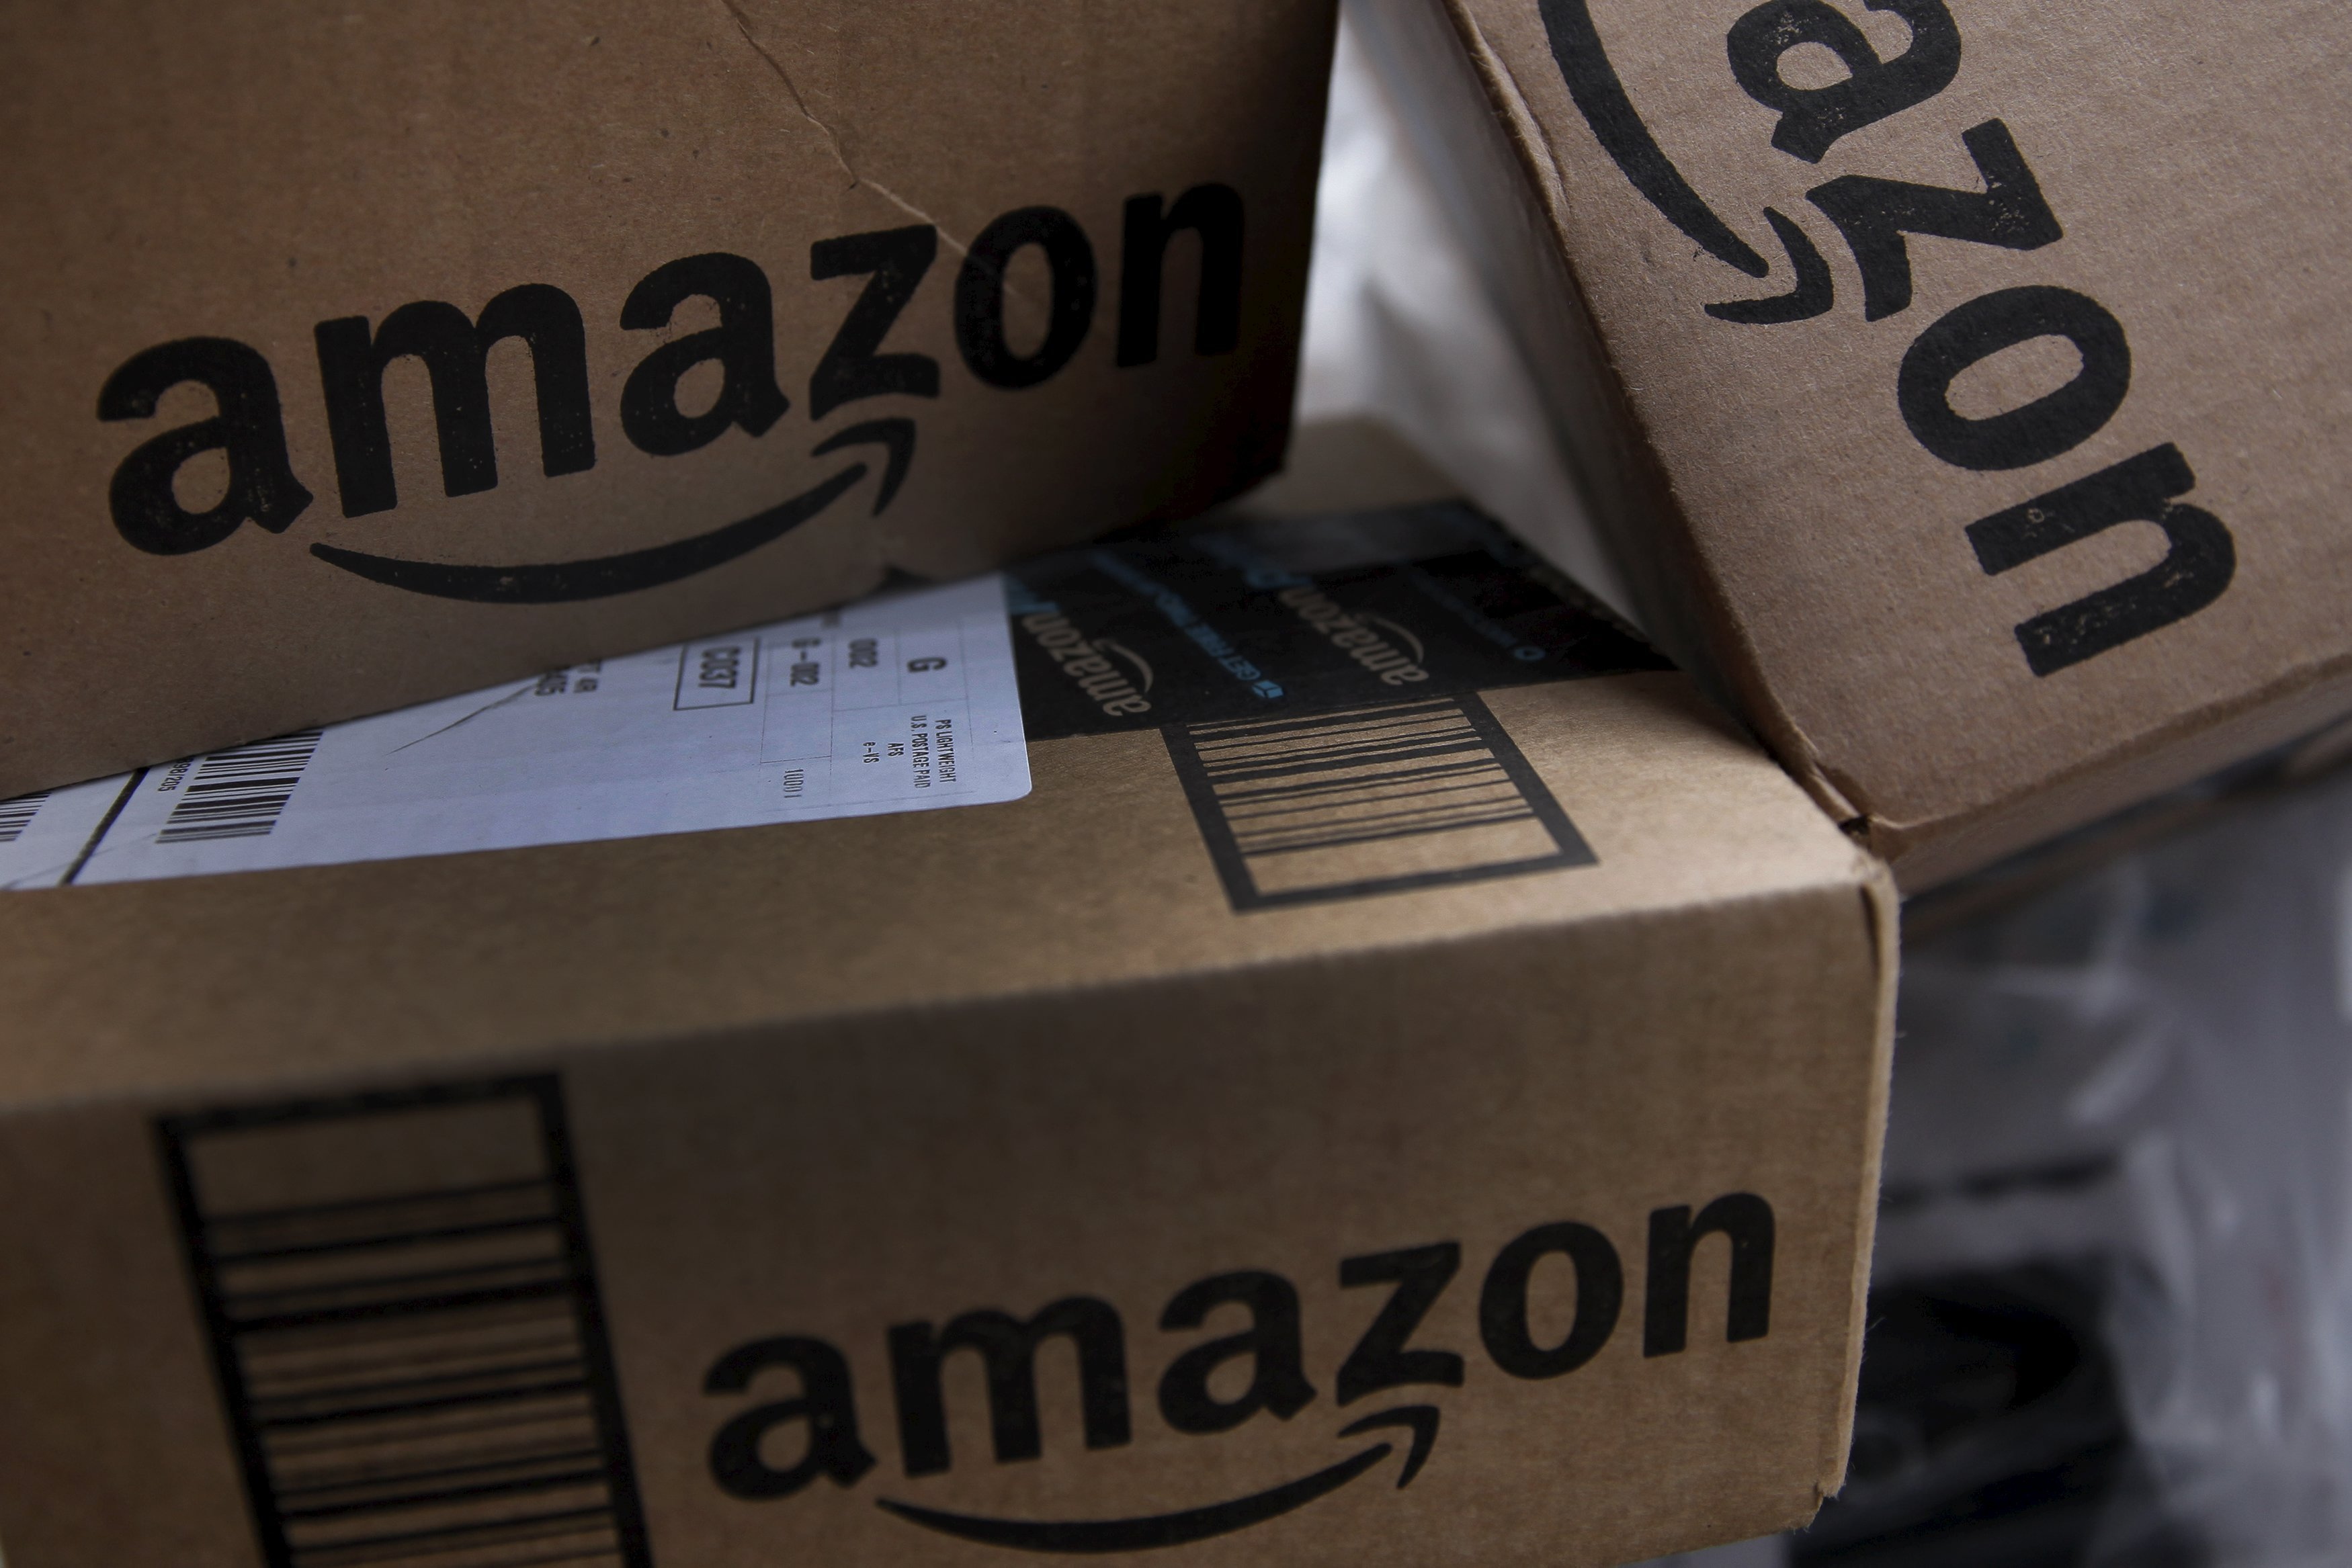 亚马逊组建团队开发无人车技术 加快包裹配送